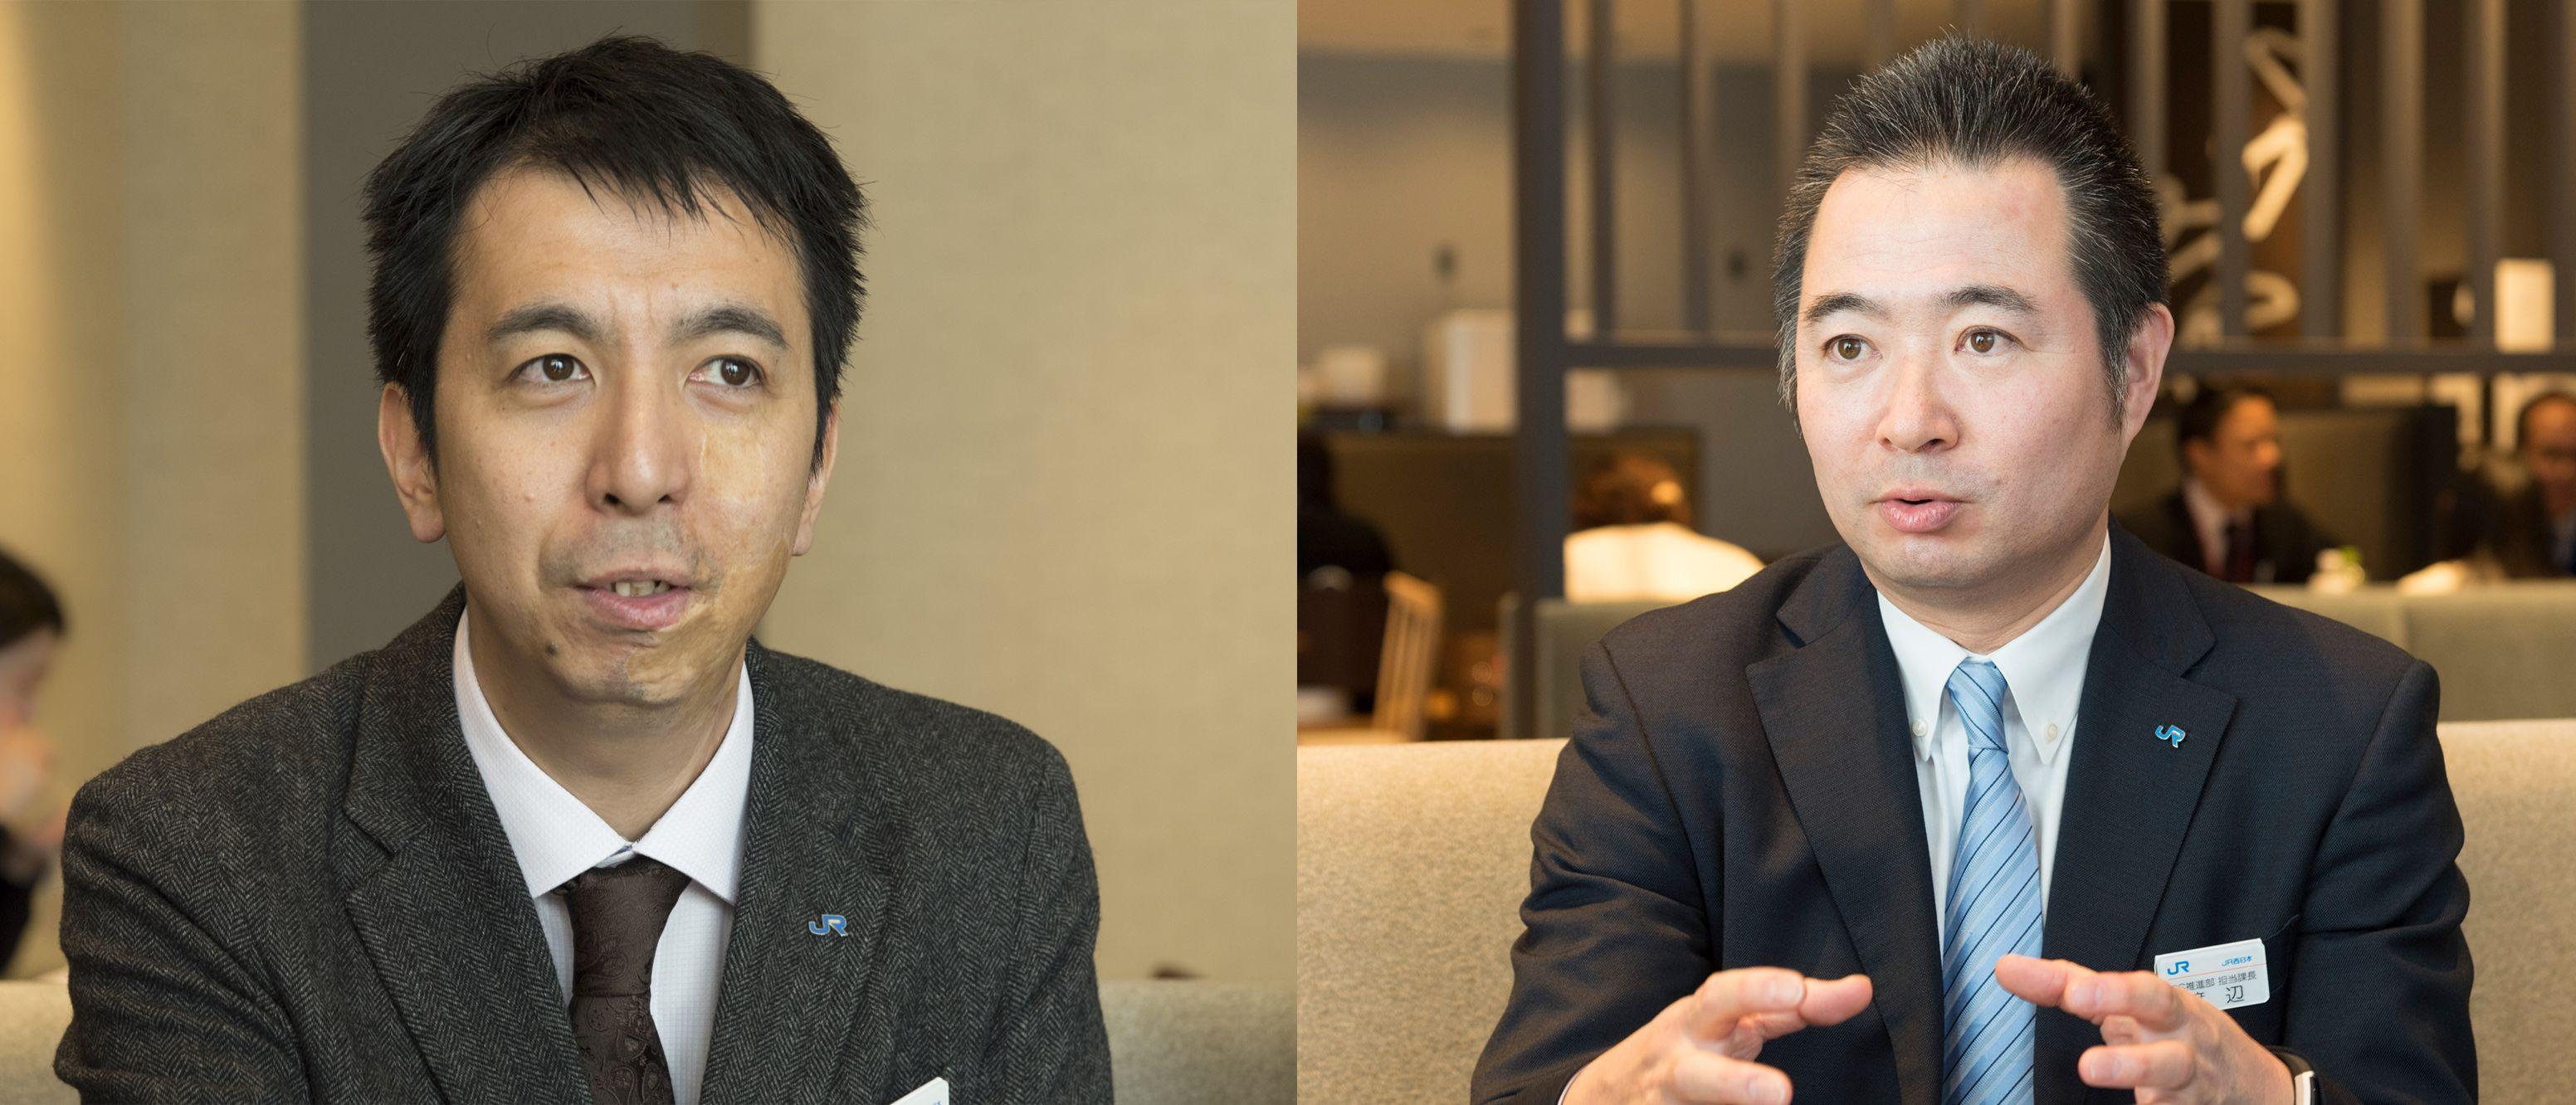 西日本旅客鉄道株式会社 加藤孝一さん渡辺彰彦さん